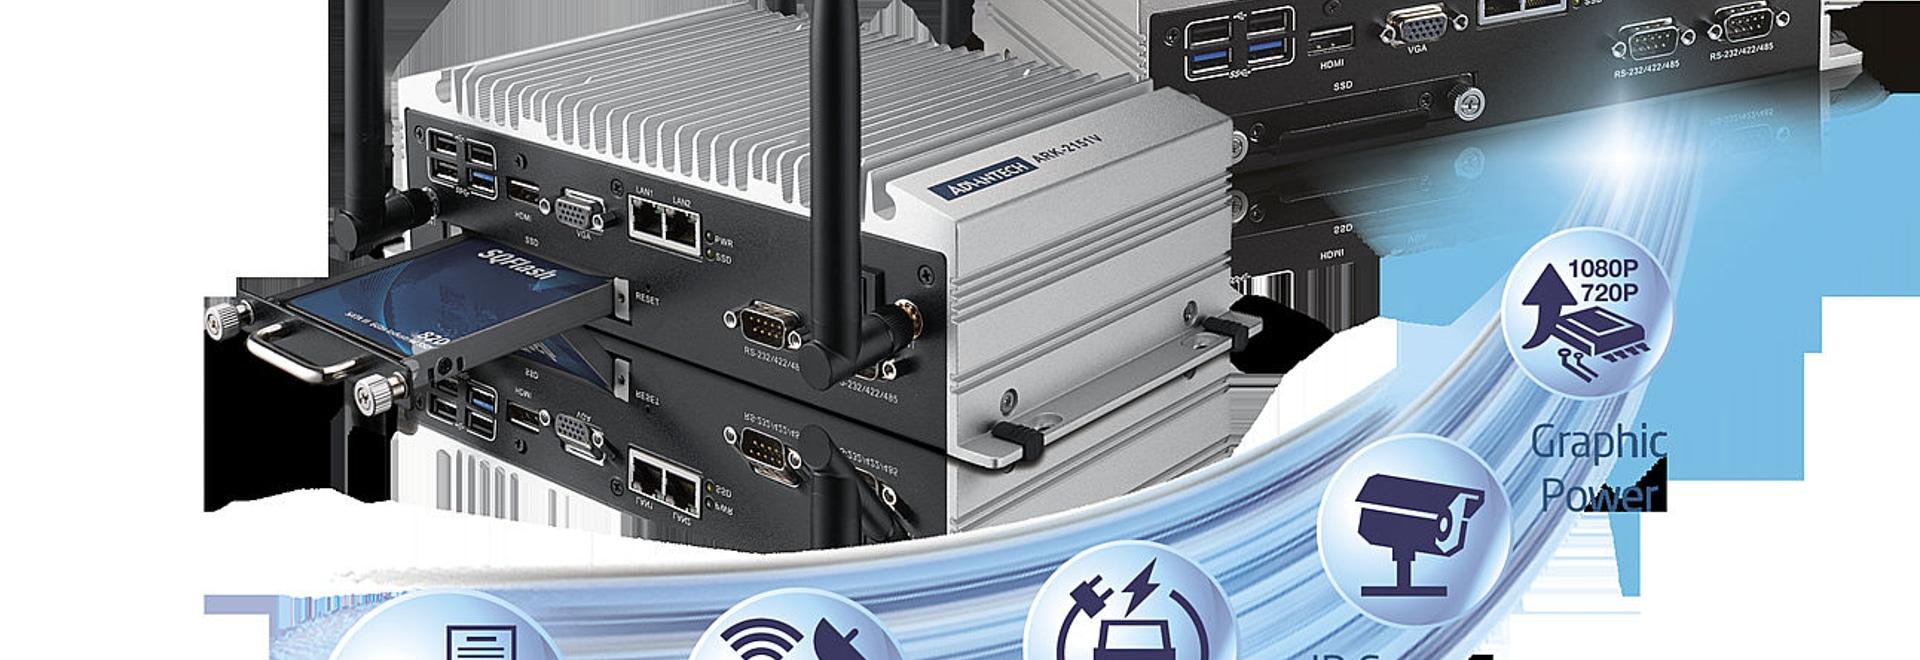 Le Dans-véhicule intégré par ARK-2151V et les solutions visuelles extérieures de surveillance réalisent le rendement élevé, TCO inférieur